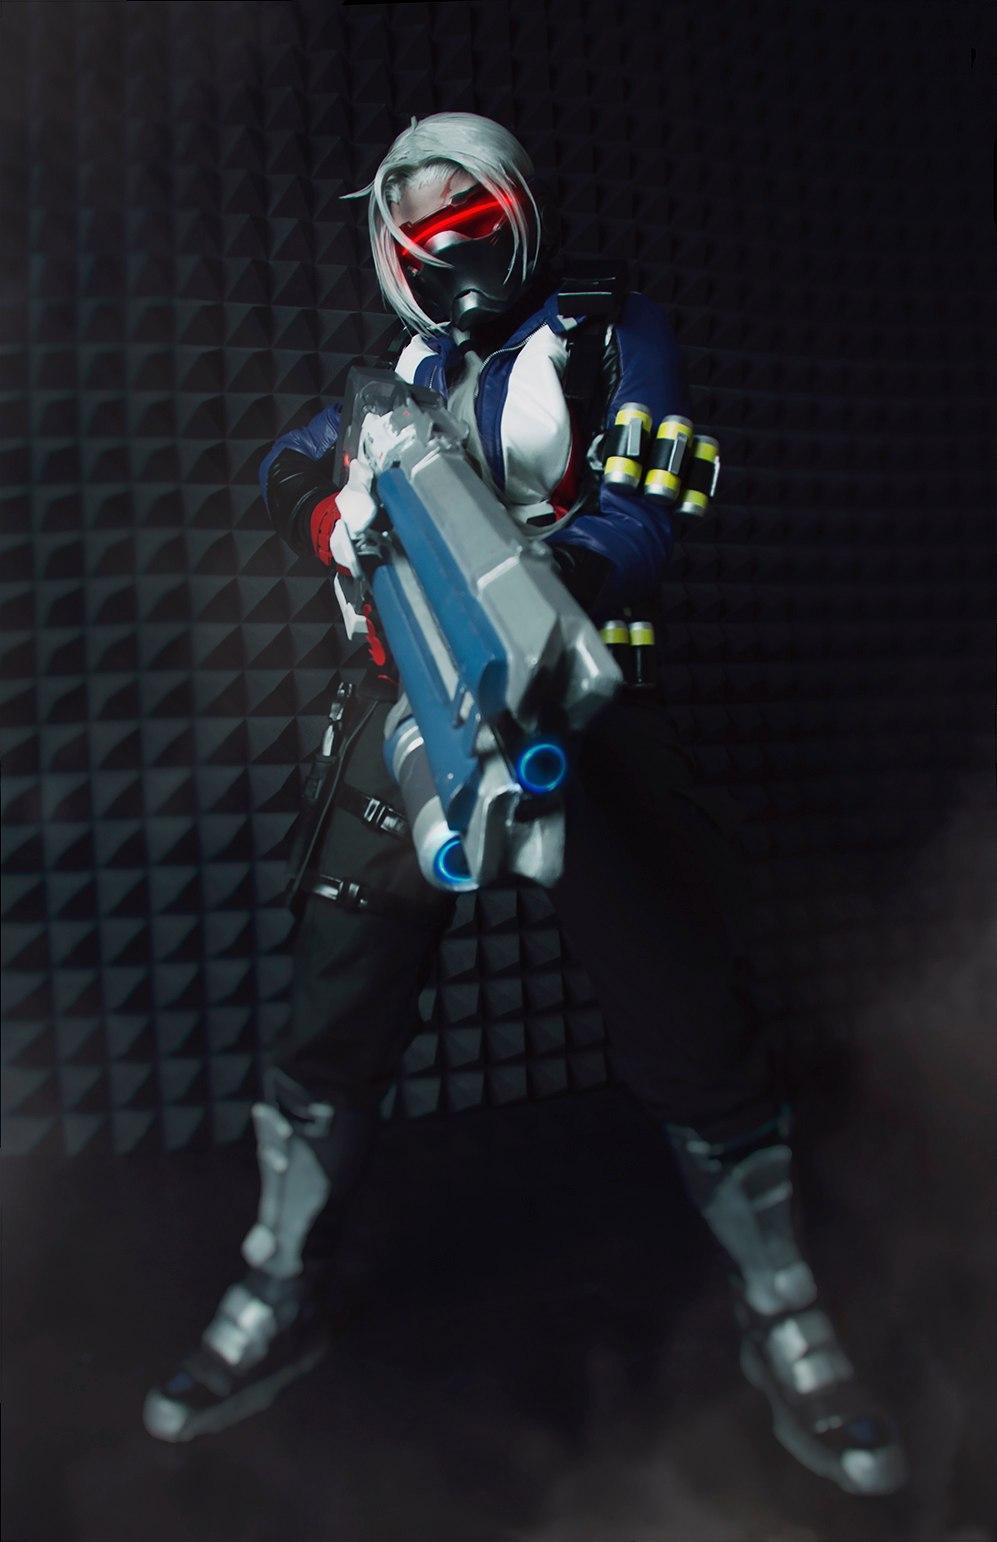 Soldier-76 (fem) - Overwatch cosplay craft soldier76cosplay